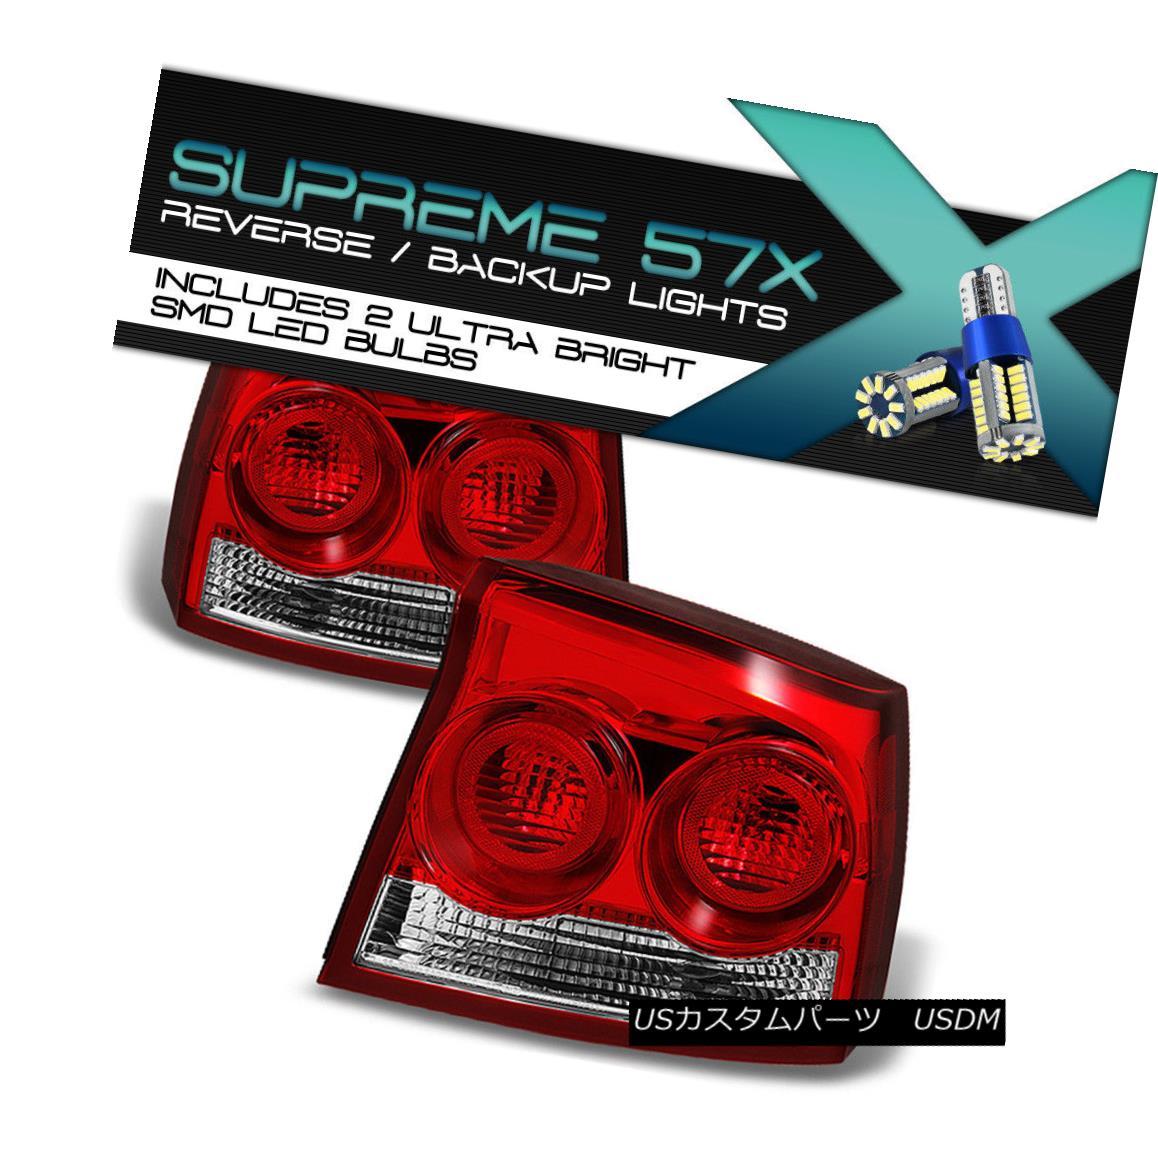 テールライト!FULL OE SMD 09-10 BACKUP RT! 09-10 Dodge Charger SXT RT SE Tail Lights OE Style Replacement!完全なSMDバックアップ! 09-10ダッジチャージャーSXT RT SEテールライトOEスタイルの交換, でんすけ:c9f9e038 --- officewill.xsrv.jp